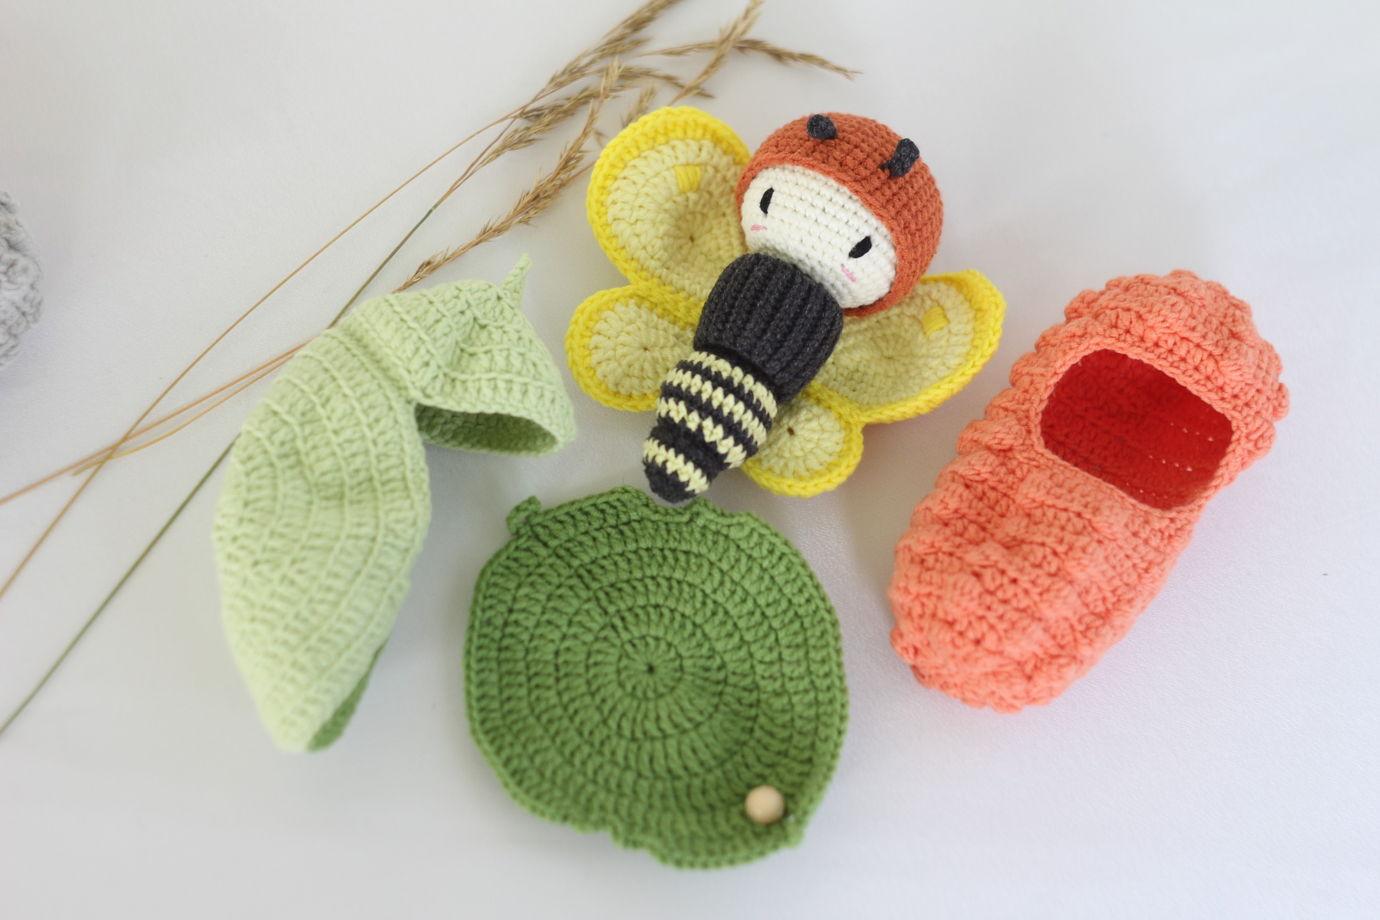 Вязаный развивающий набор - Жизненный цикл бабочки. Лимонница